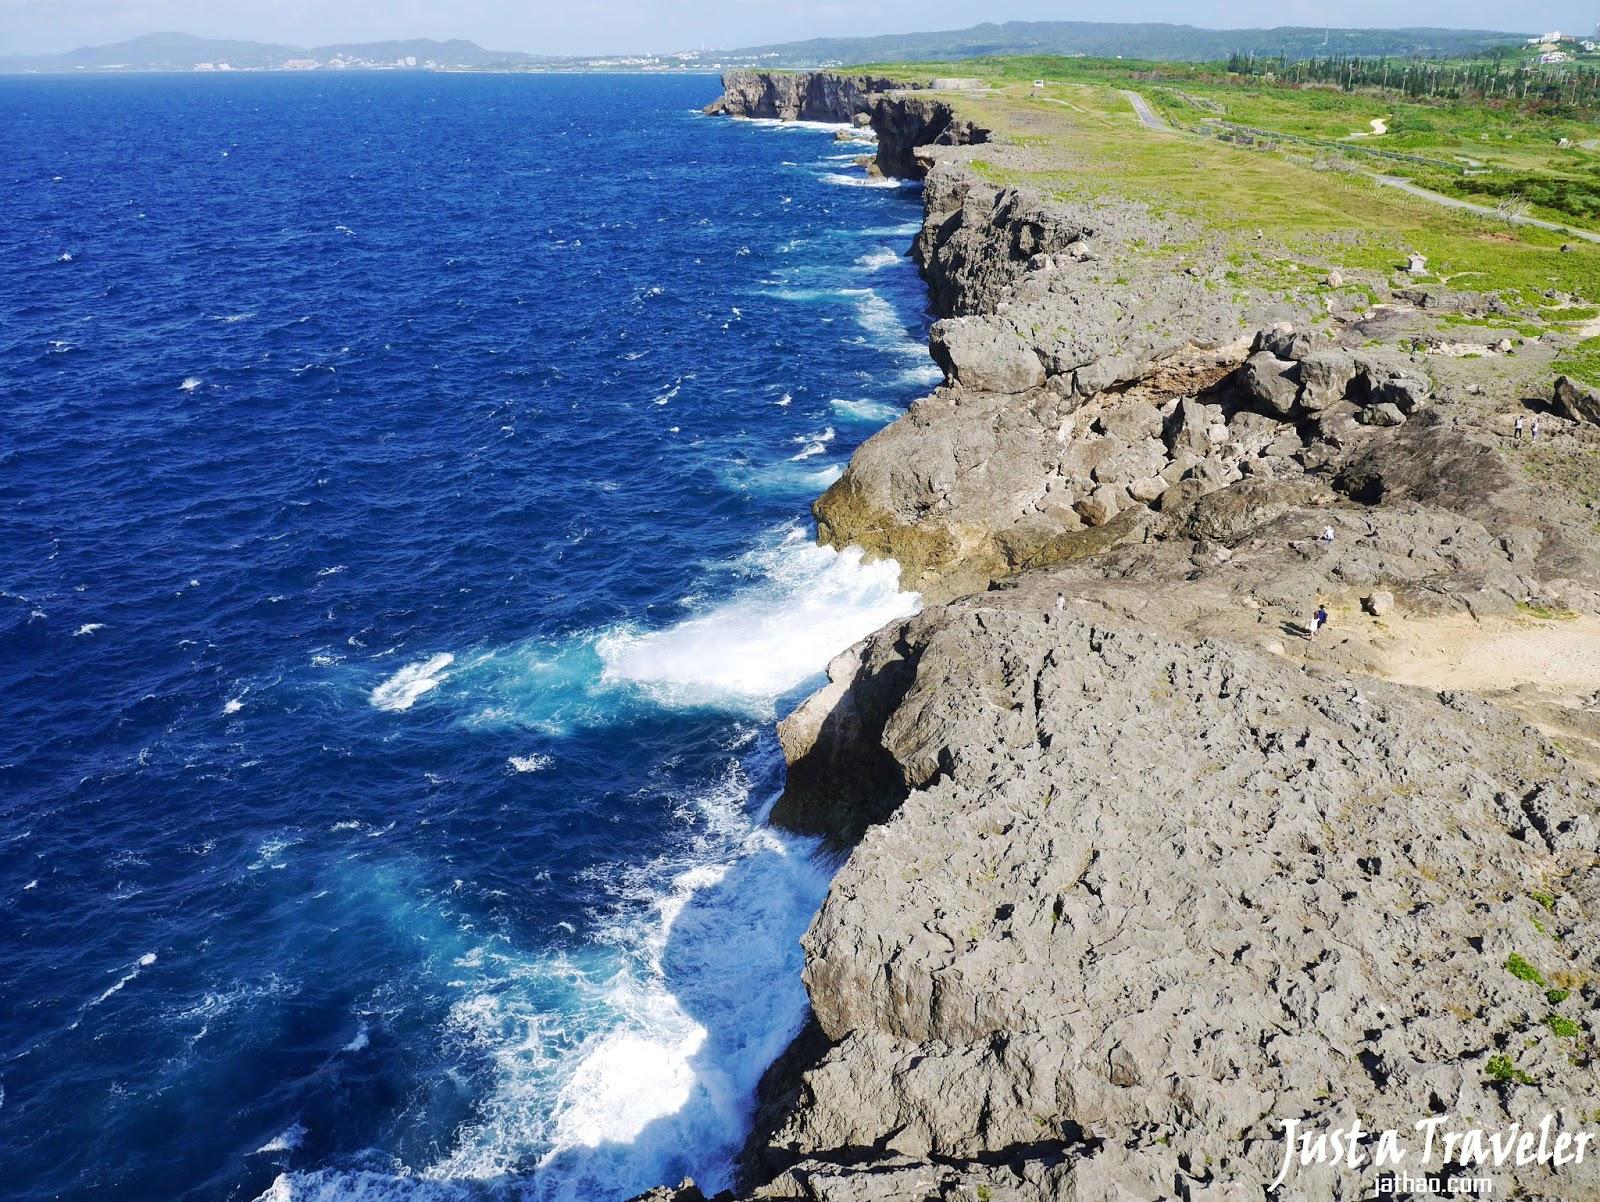 沖繩-沖繩景點-推薦-殘波岬-沖繩自由行景點-沖繩中部景點-沖繩旅遊-沖繩觀光景點-Okinawa-attraction-Zanpa-Toruist-destination